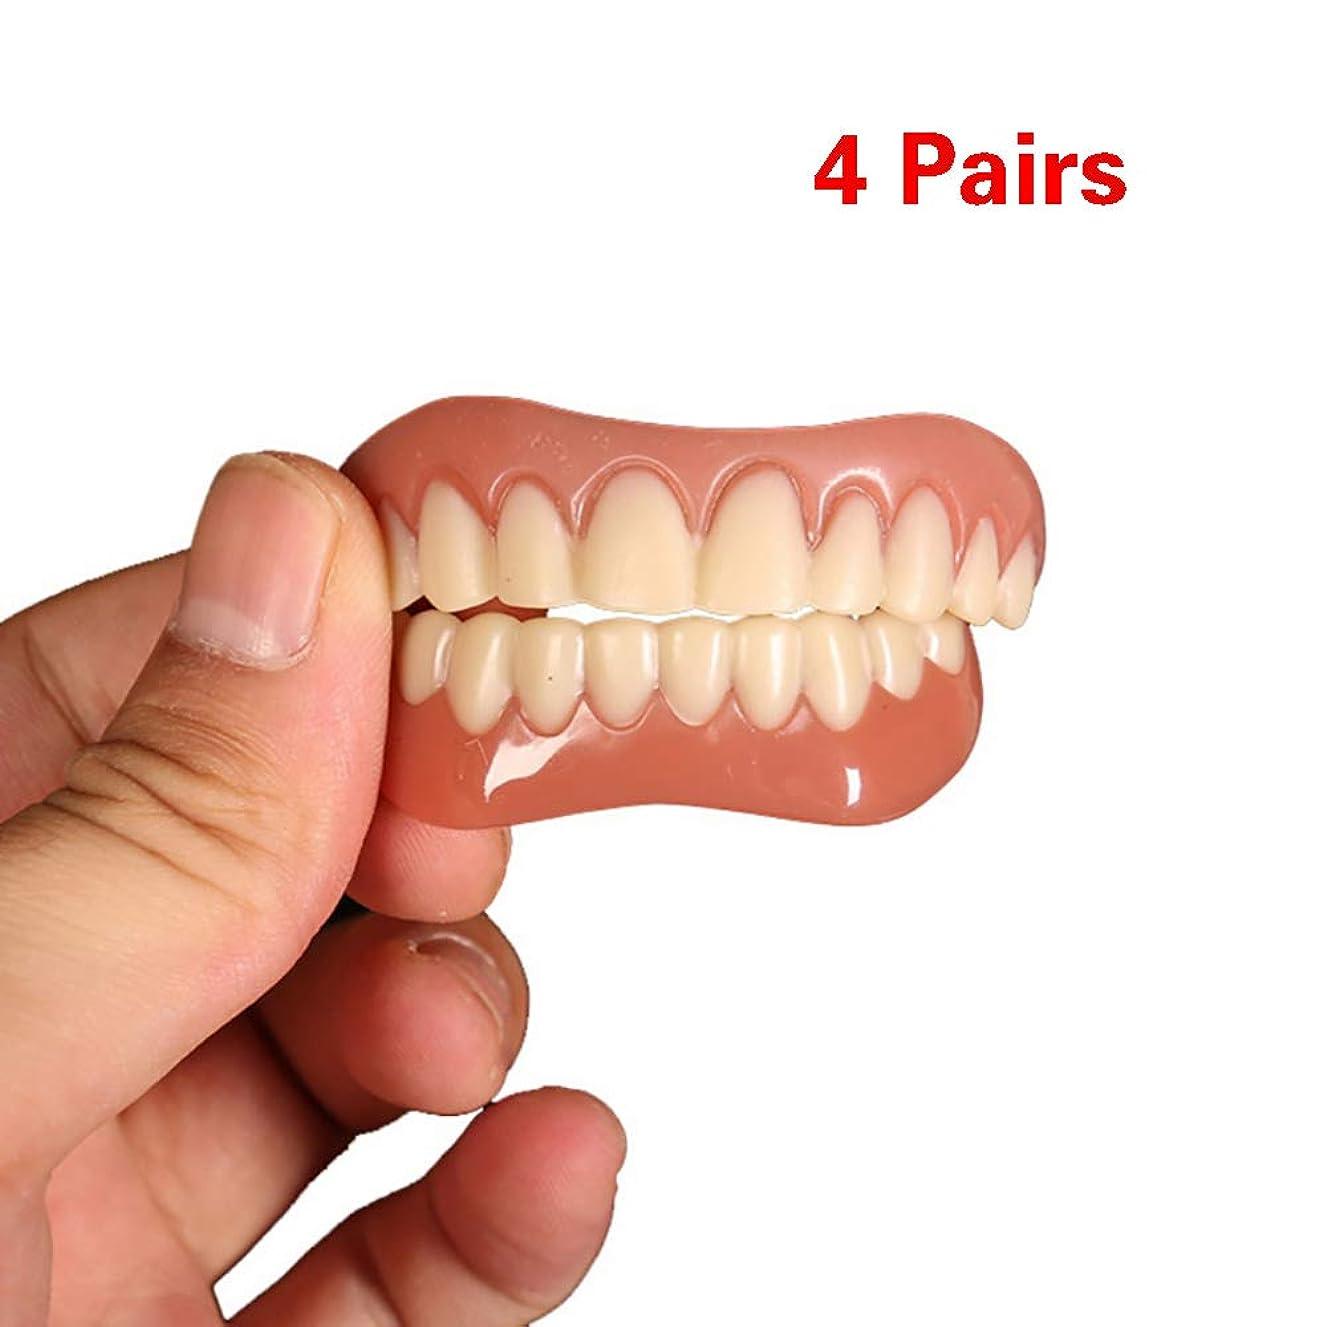 キャンパス命令怒り4対の歯の快適さフィットフレックス化粧品の歯義歯の歯のトップ化粧品のベニヤシミュレーションブレース新しい